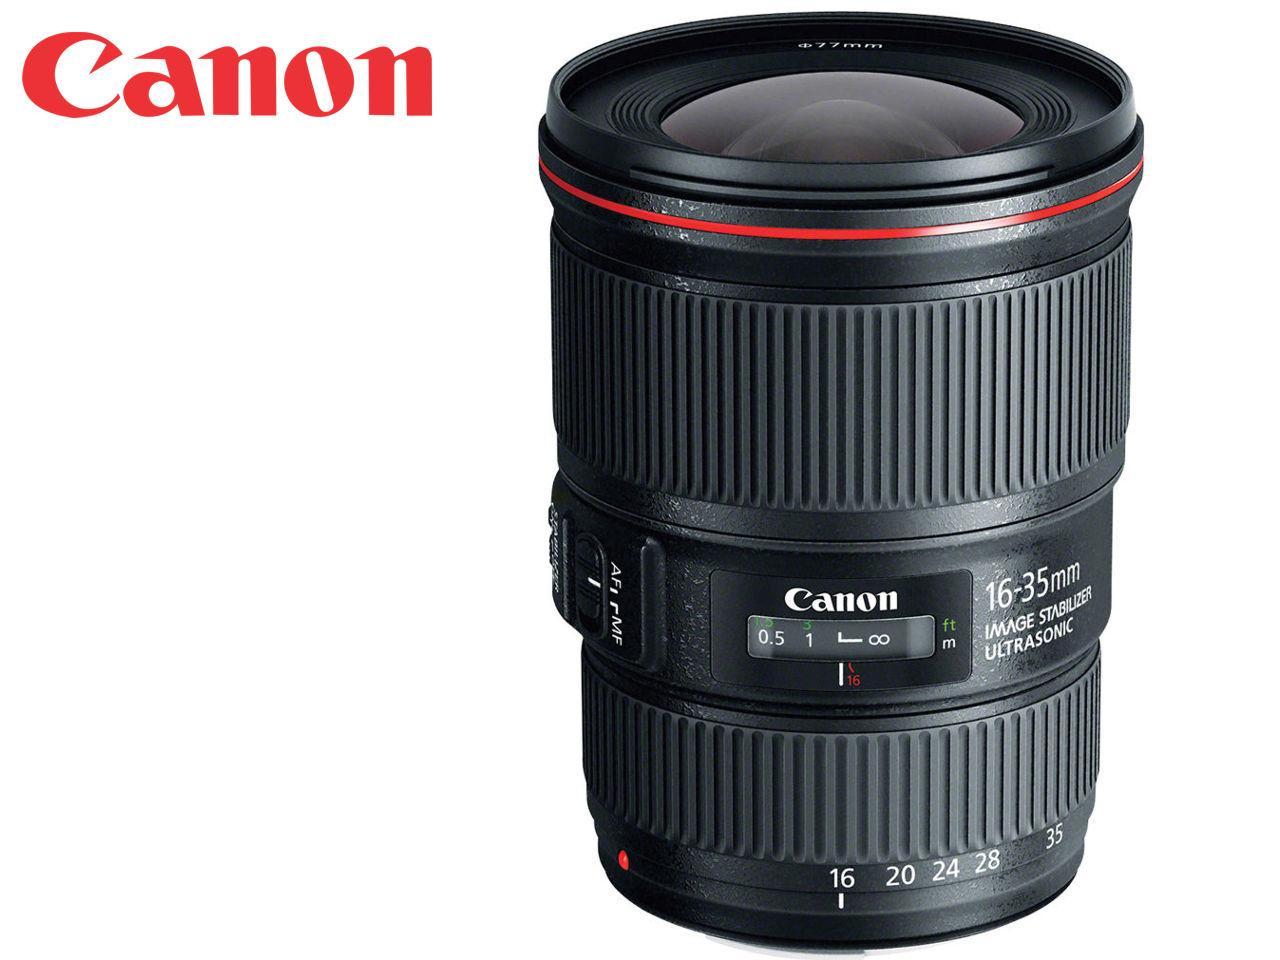 CANON EF 16-35 mm f/4L IS USM + 700 Kč na dárky nebo další nákup | CHAT on-line podpora PO-PÁ 8-22.00!!